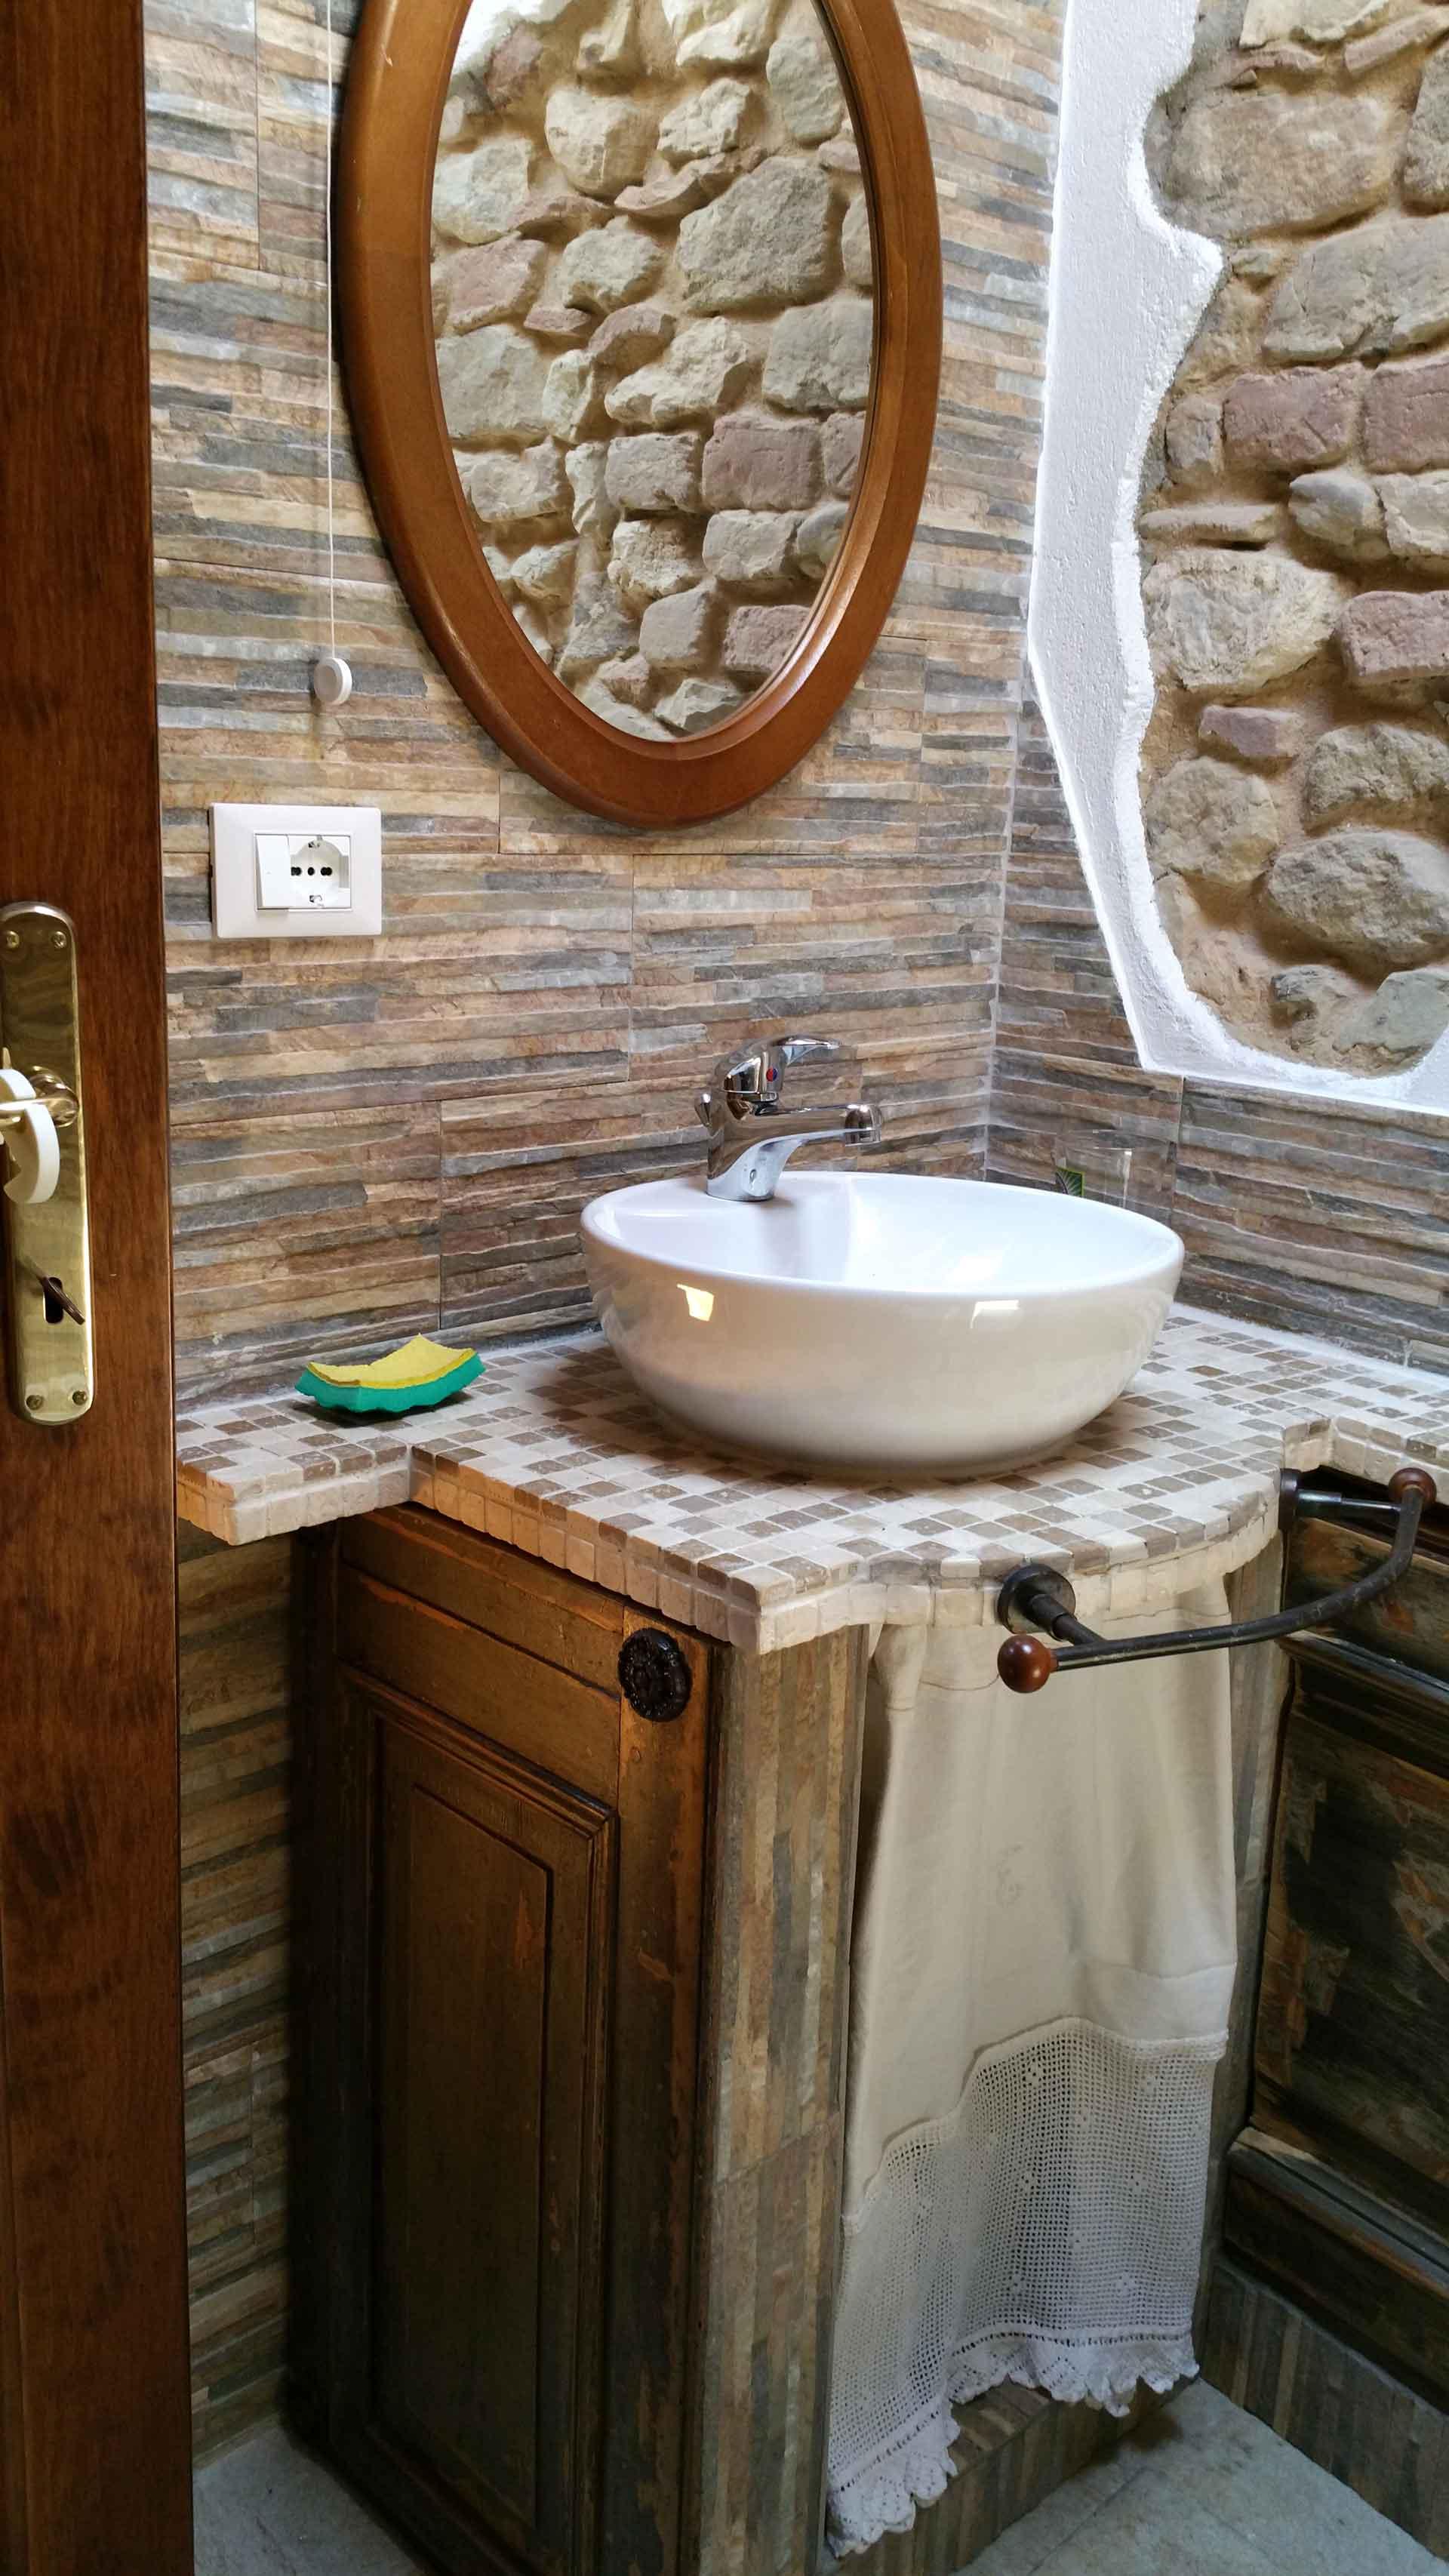 Bagno camera 900 mobile bagno con lavabo in appoggio e specchiera B&B & Meditation Center Zorba il Buddha Passerano Marmorito Asti